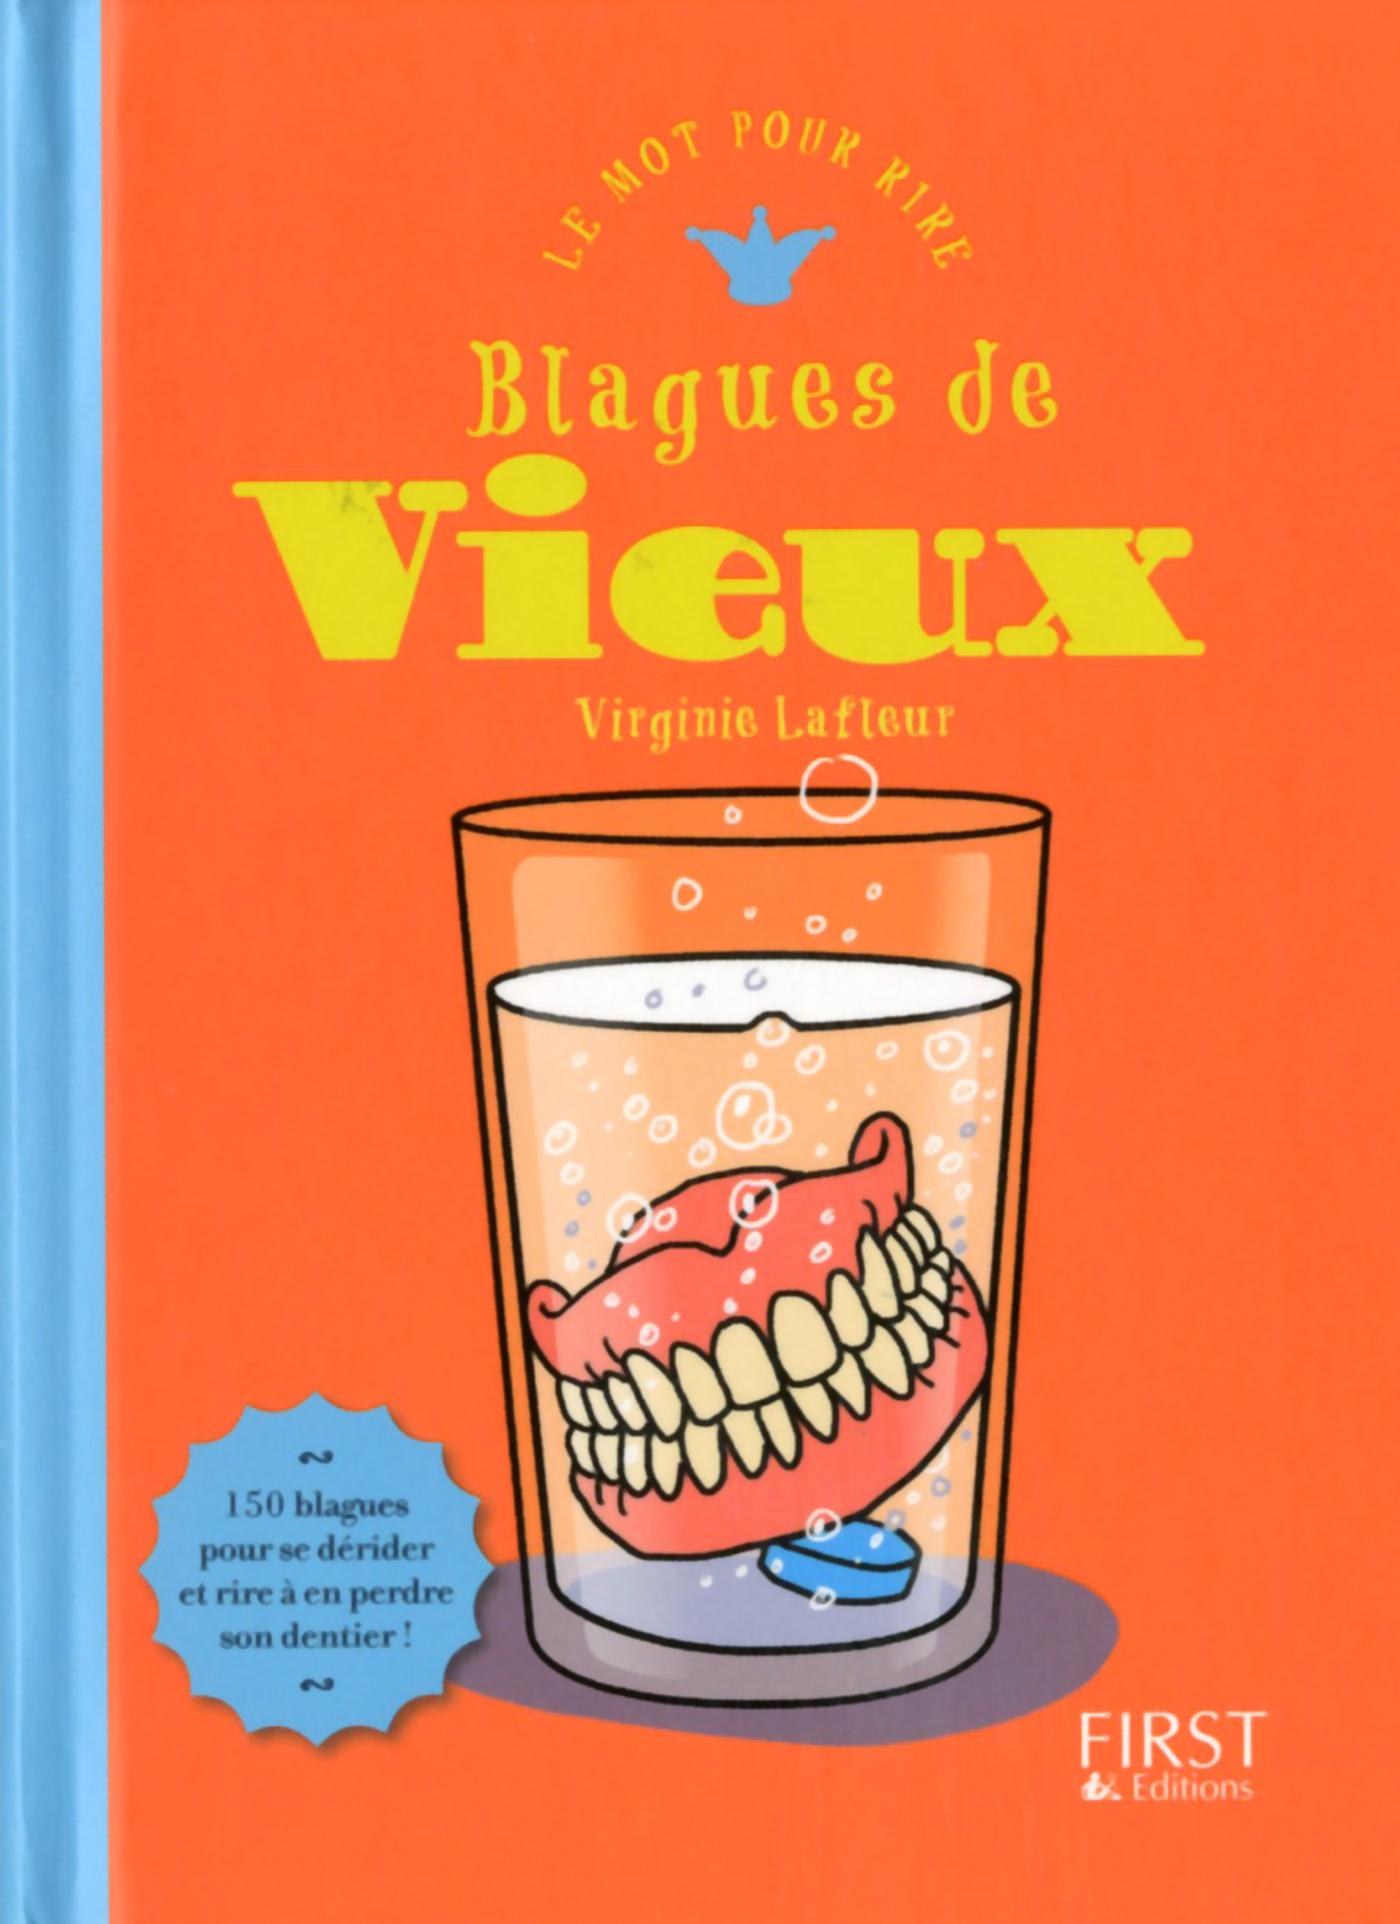 Blagues de vieux (ebook)